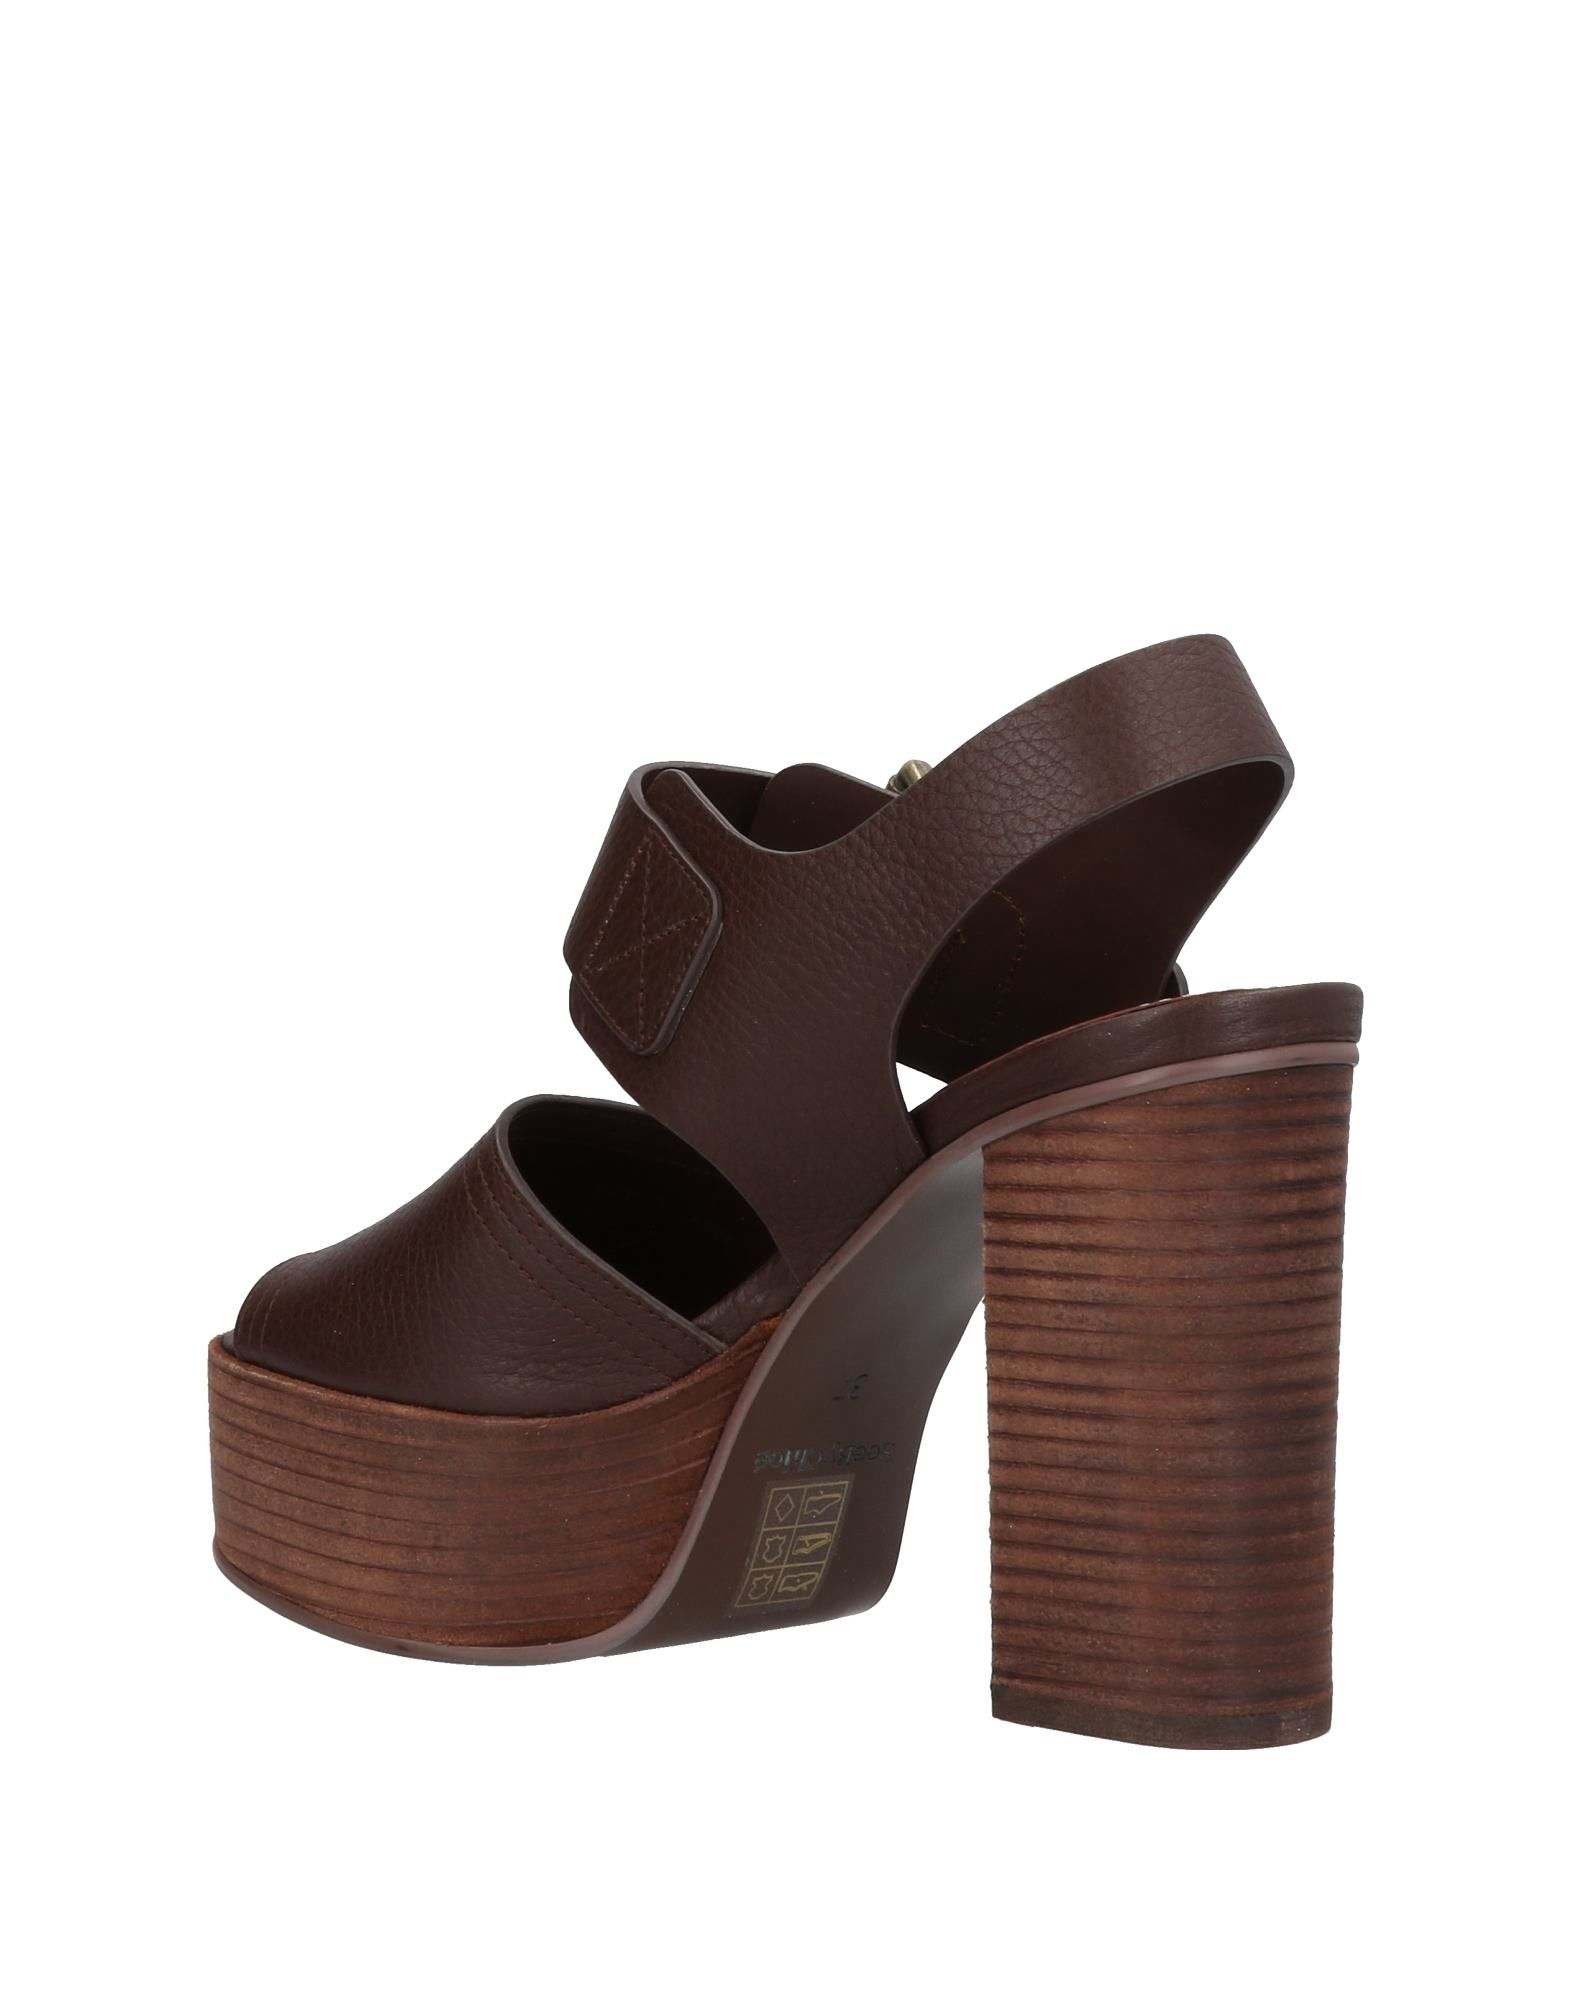 Stilvolle billige Sandalen Schuhe See By Chloé Sandalen billige Damen  11424442GR 3bbede